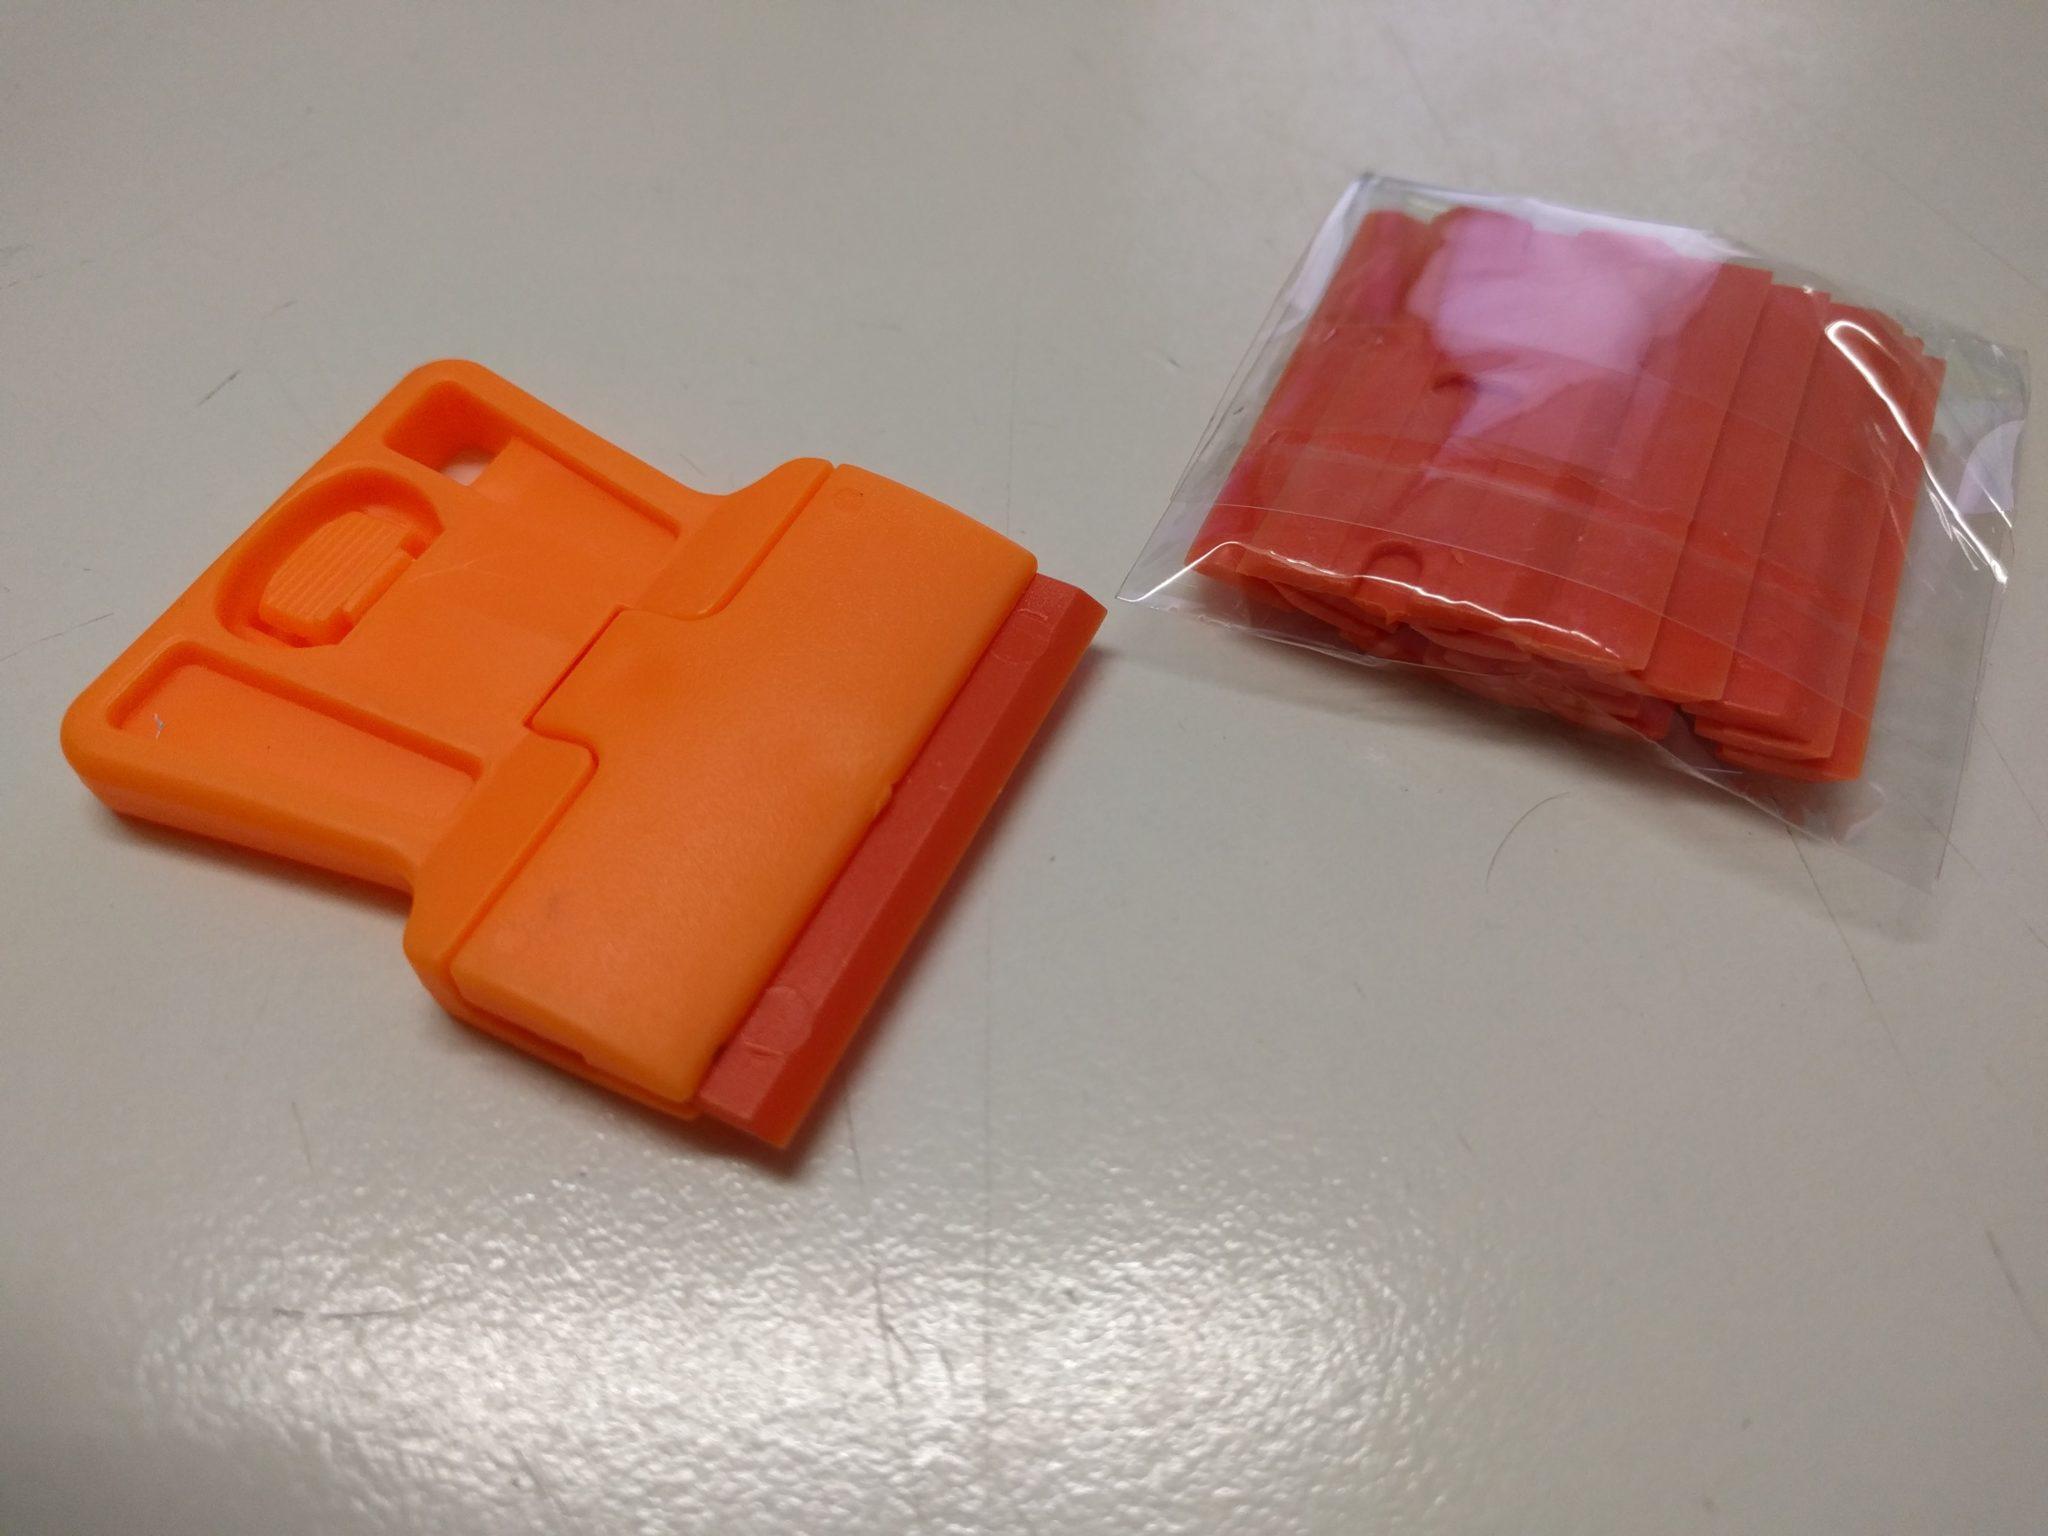 Plastic scraper with disposable plastic razor